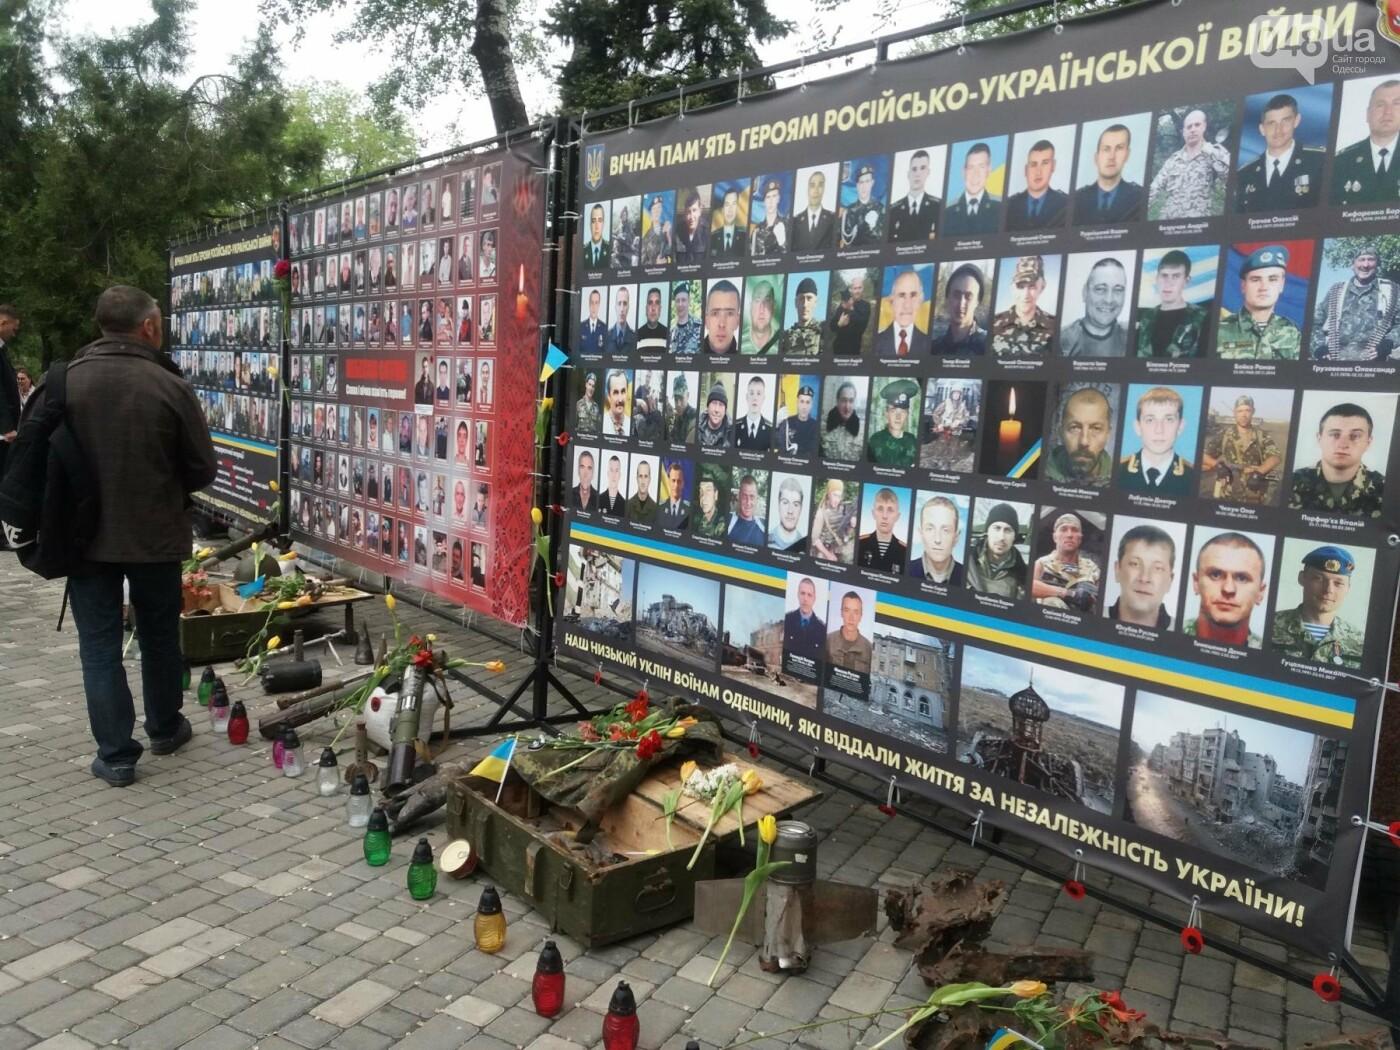 9 мая в Одессе: хронология событий и итоги, - ФОТО, ВИДЕО, фото-15